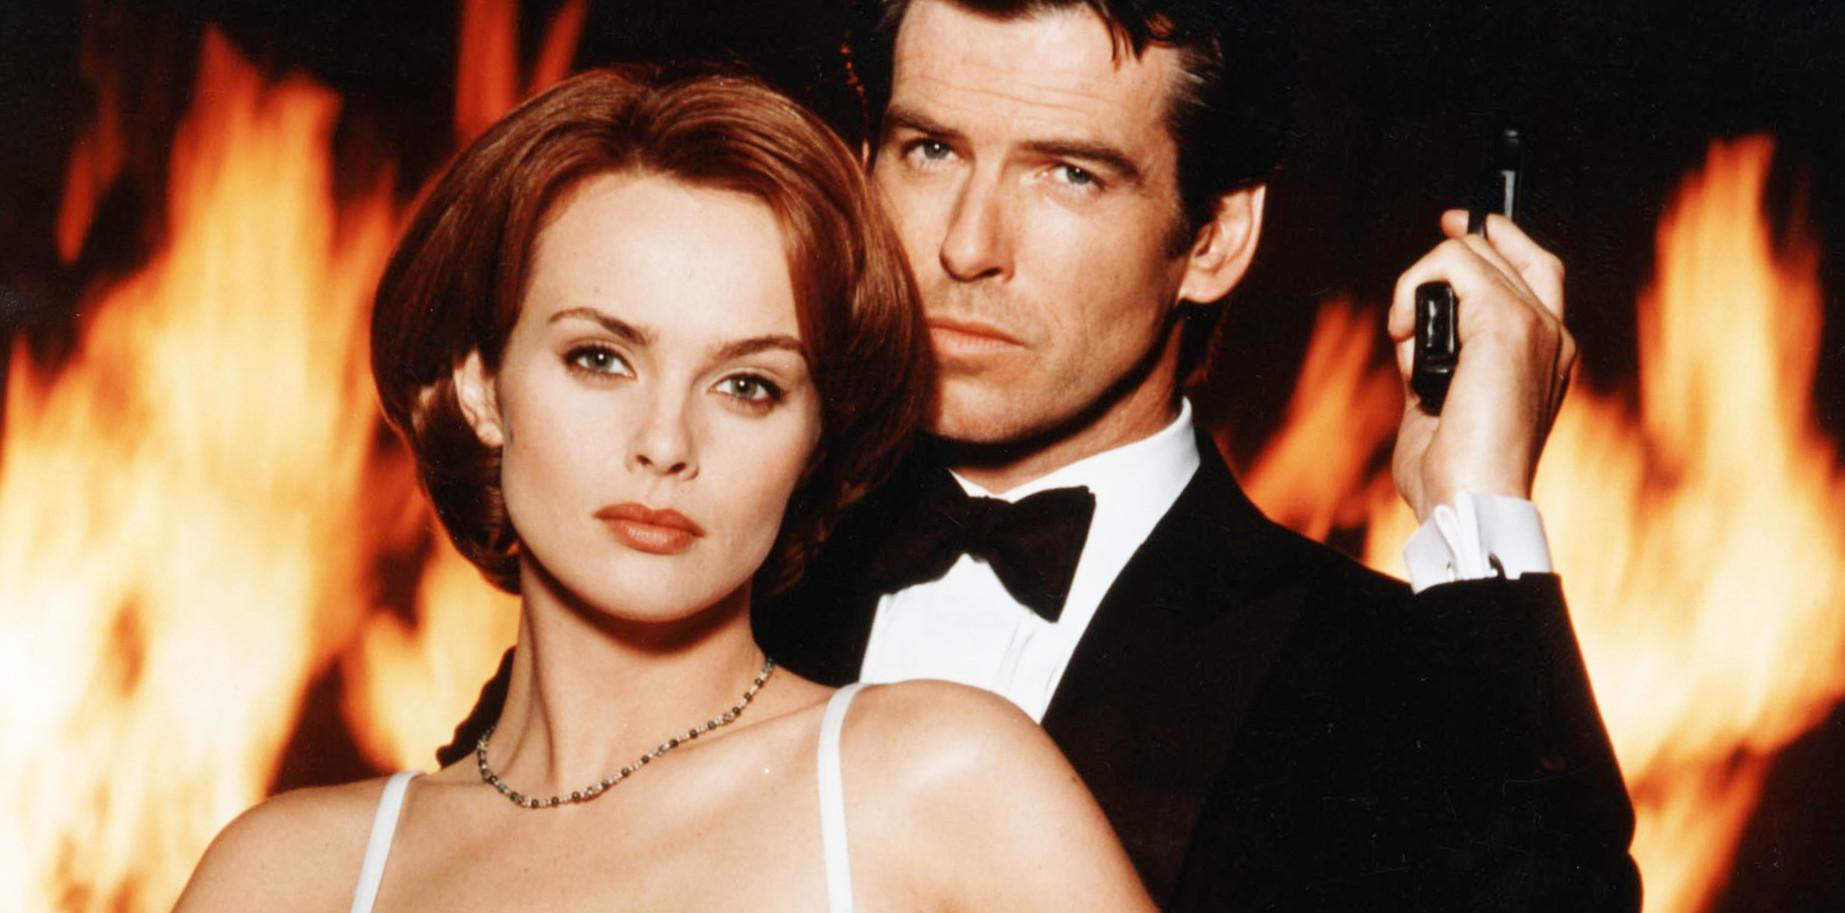 Du wirst nicht glauben, wie diese 31 Bond-Girls heute aussehen!!